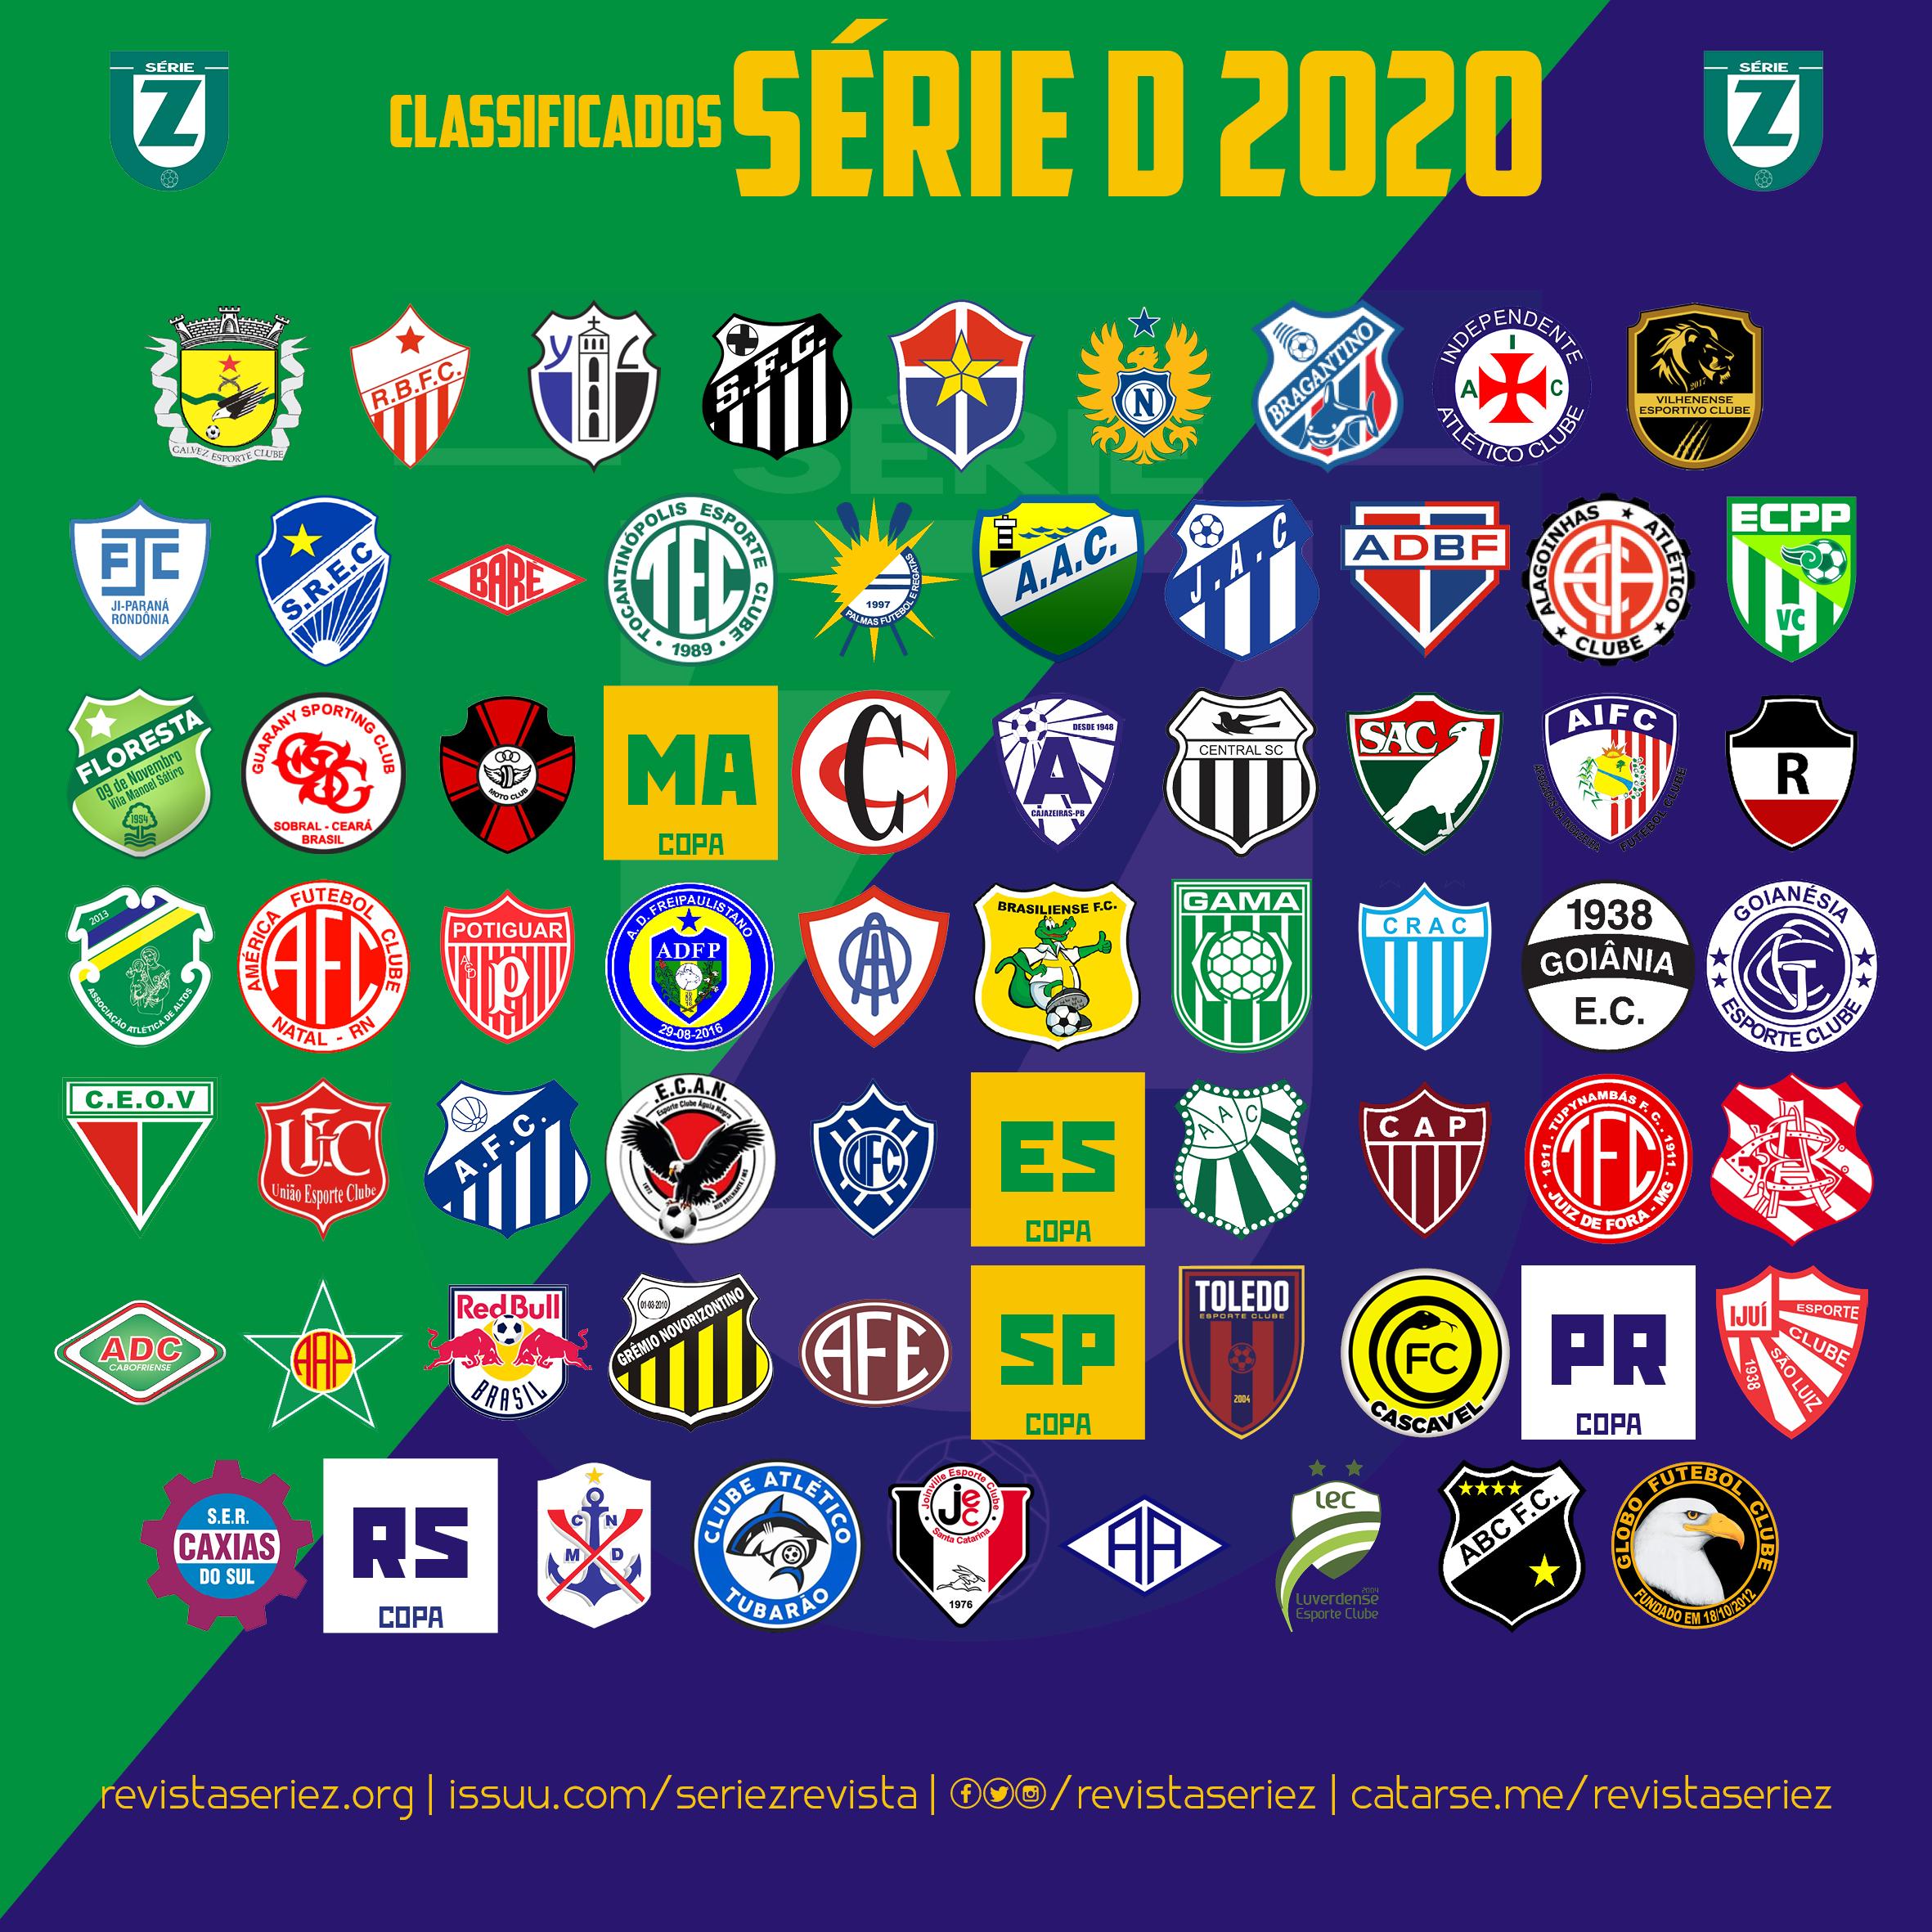 A linha do tempo de classificação à Série D 2020 – Revista